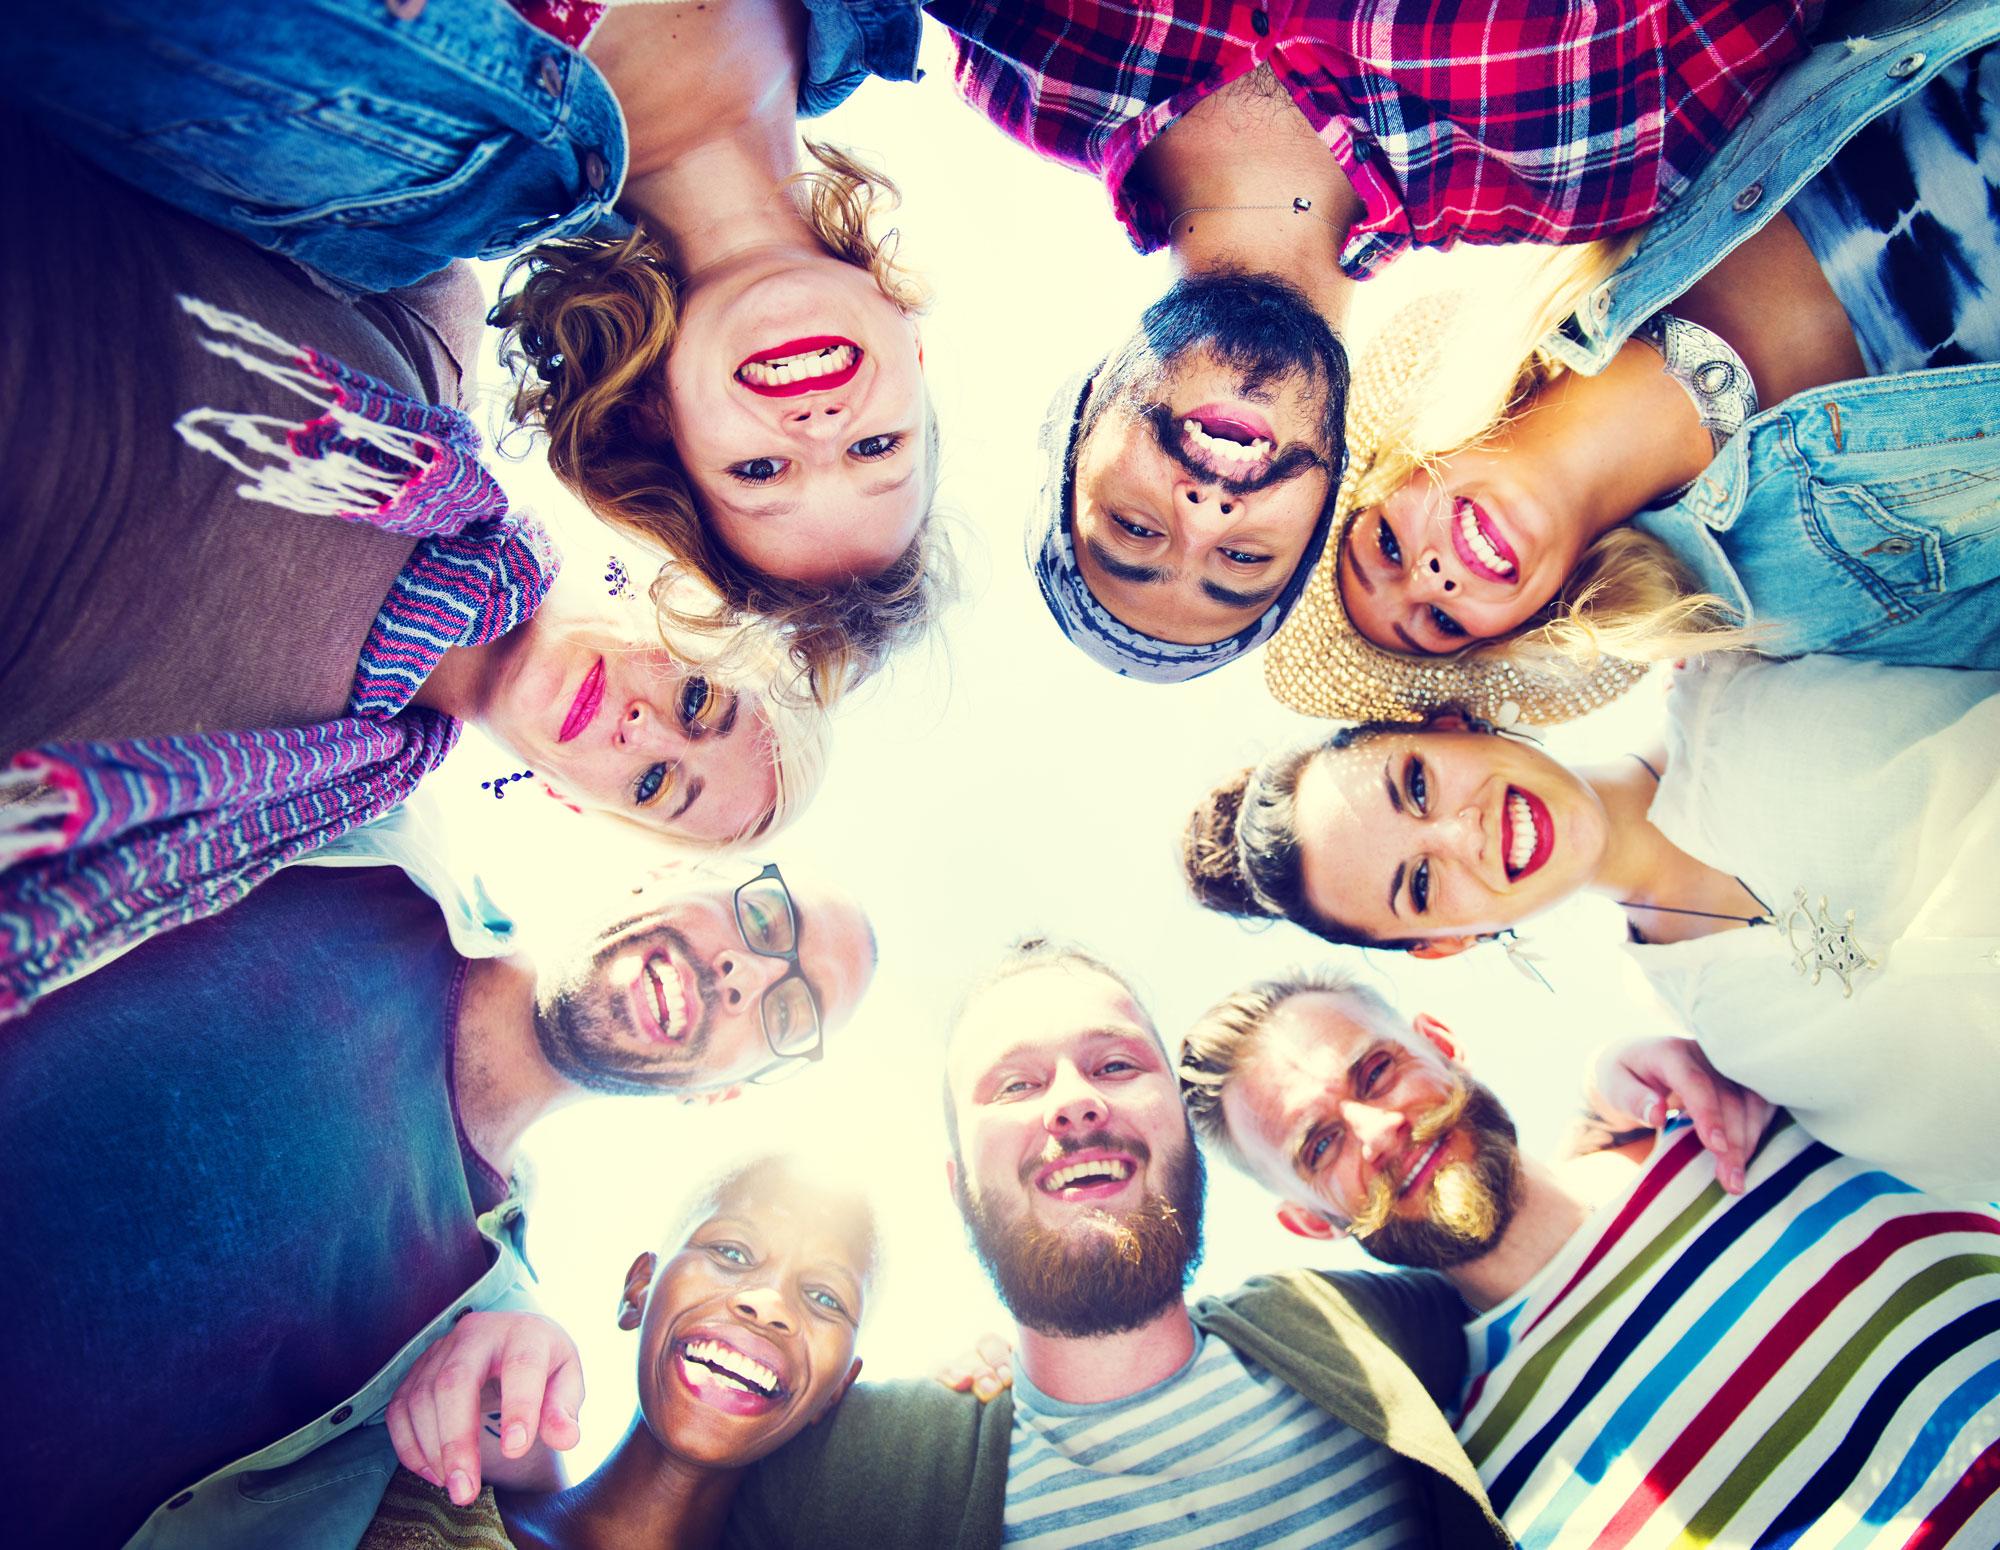 Camping, amitié, réseau social, partage